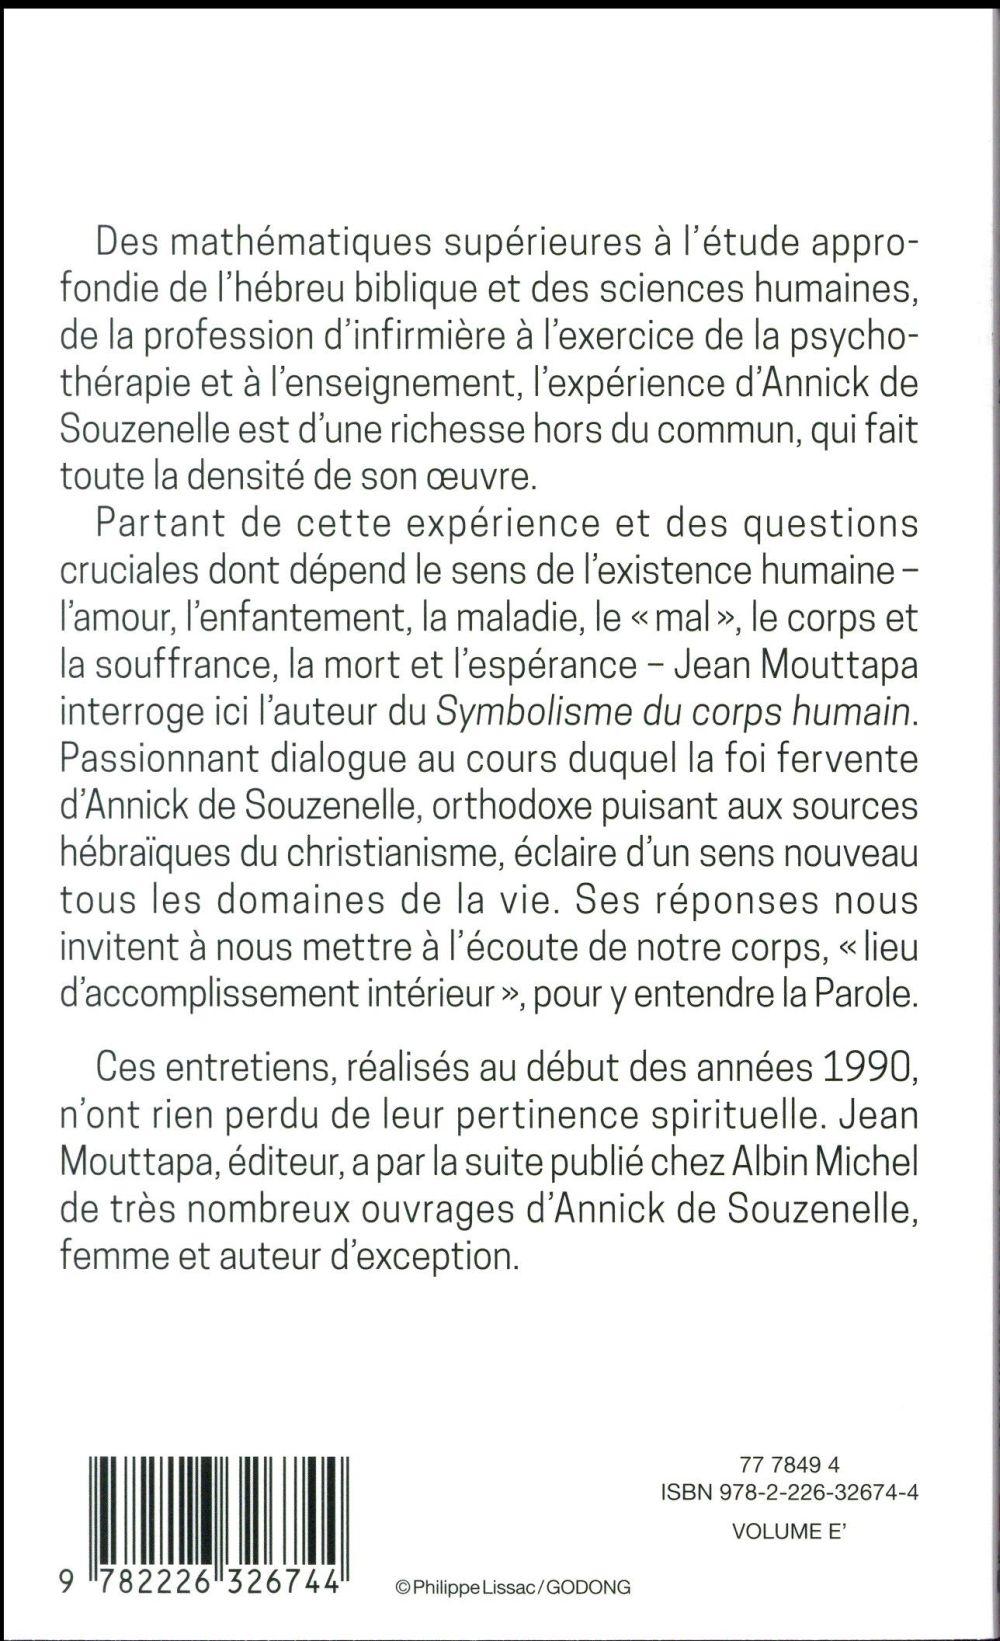 La parole au coeur du corps ; entretiens avec Jean Mouttapa (édition 2017)